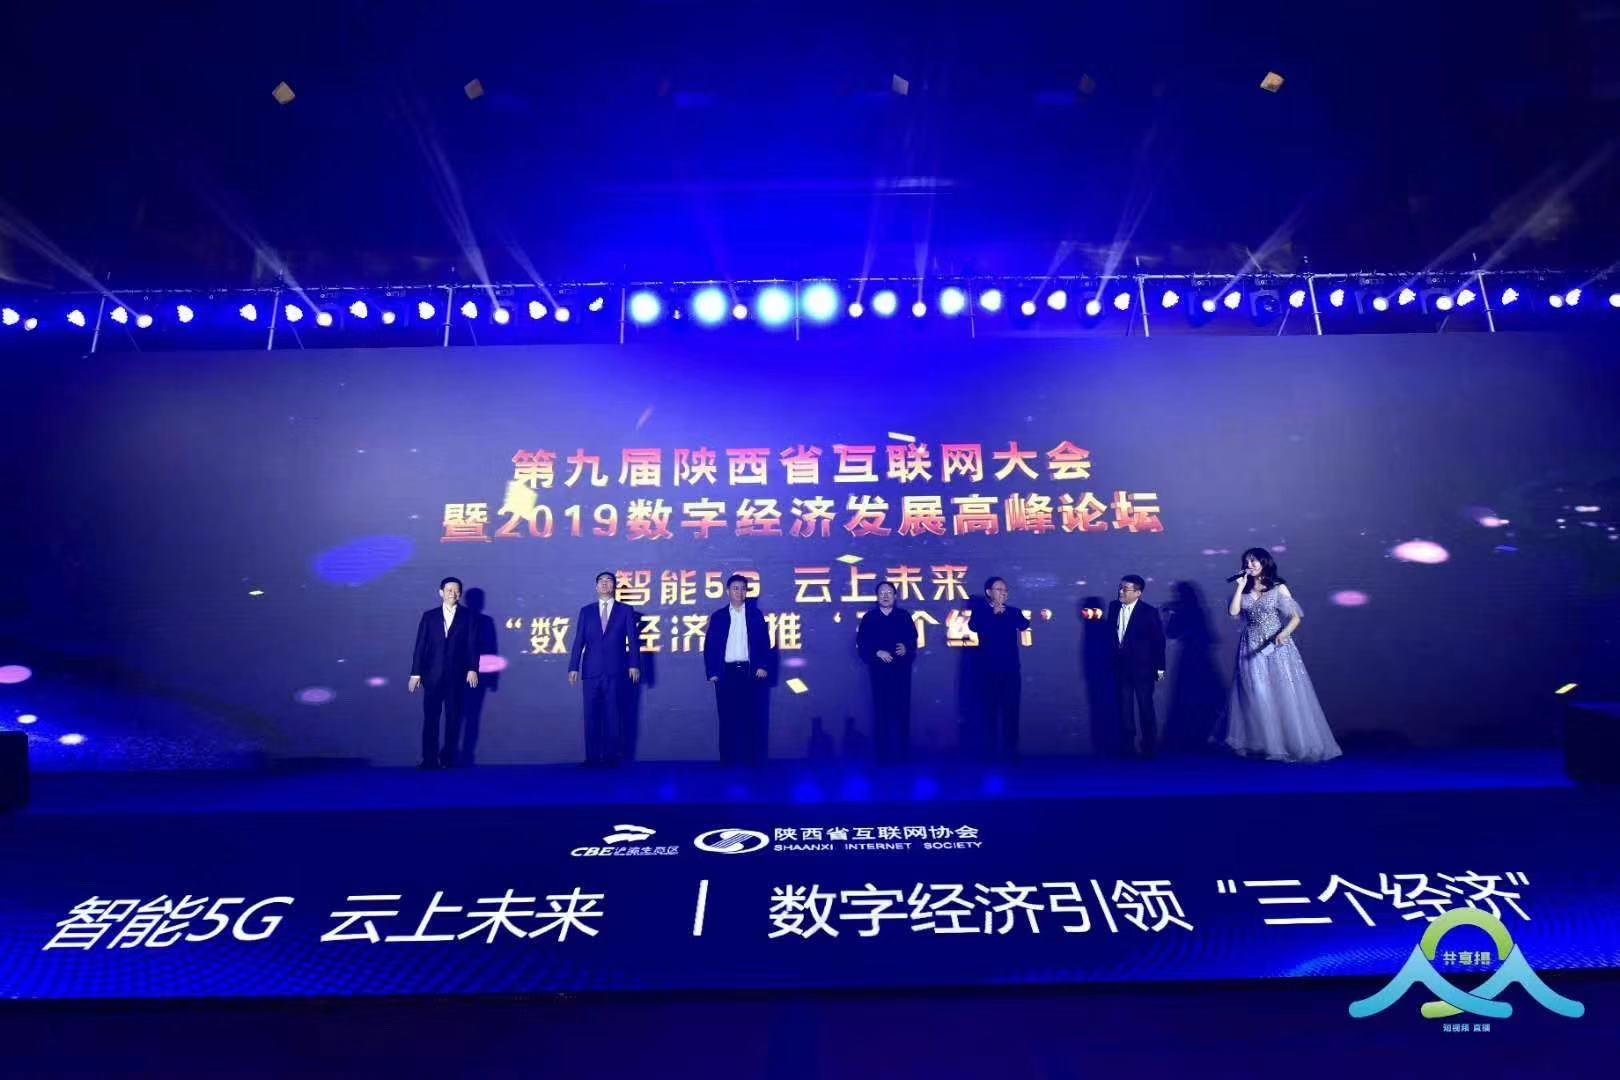 第九届陕西省互联网大会隆重召开 铭赞网络获2019创新企业奖